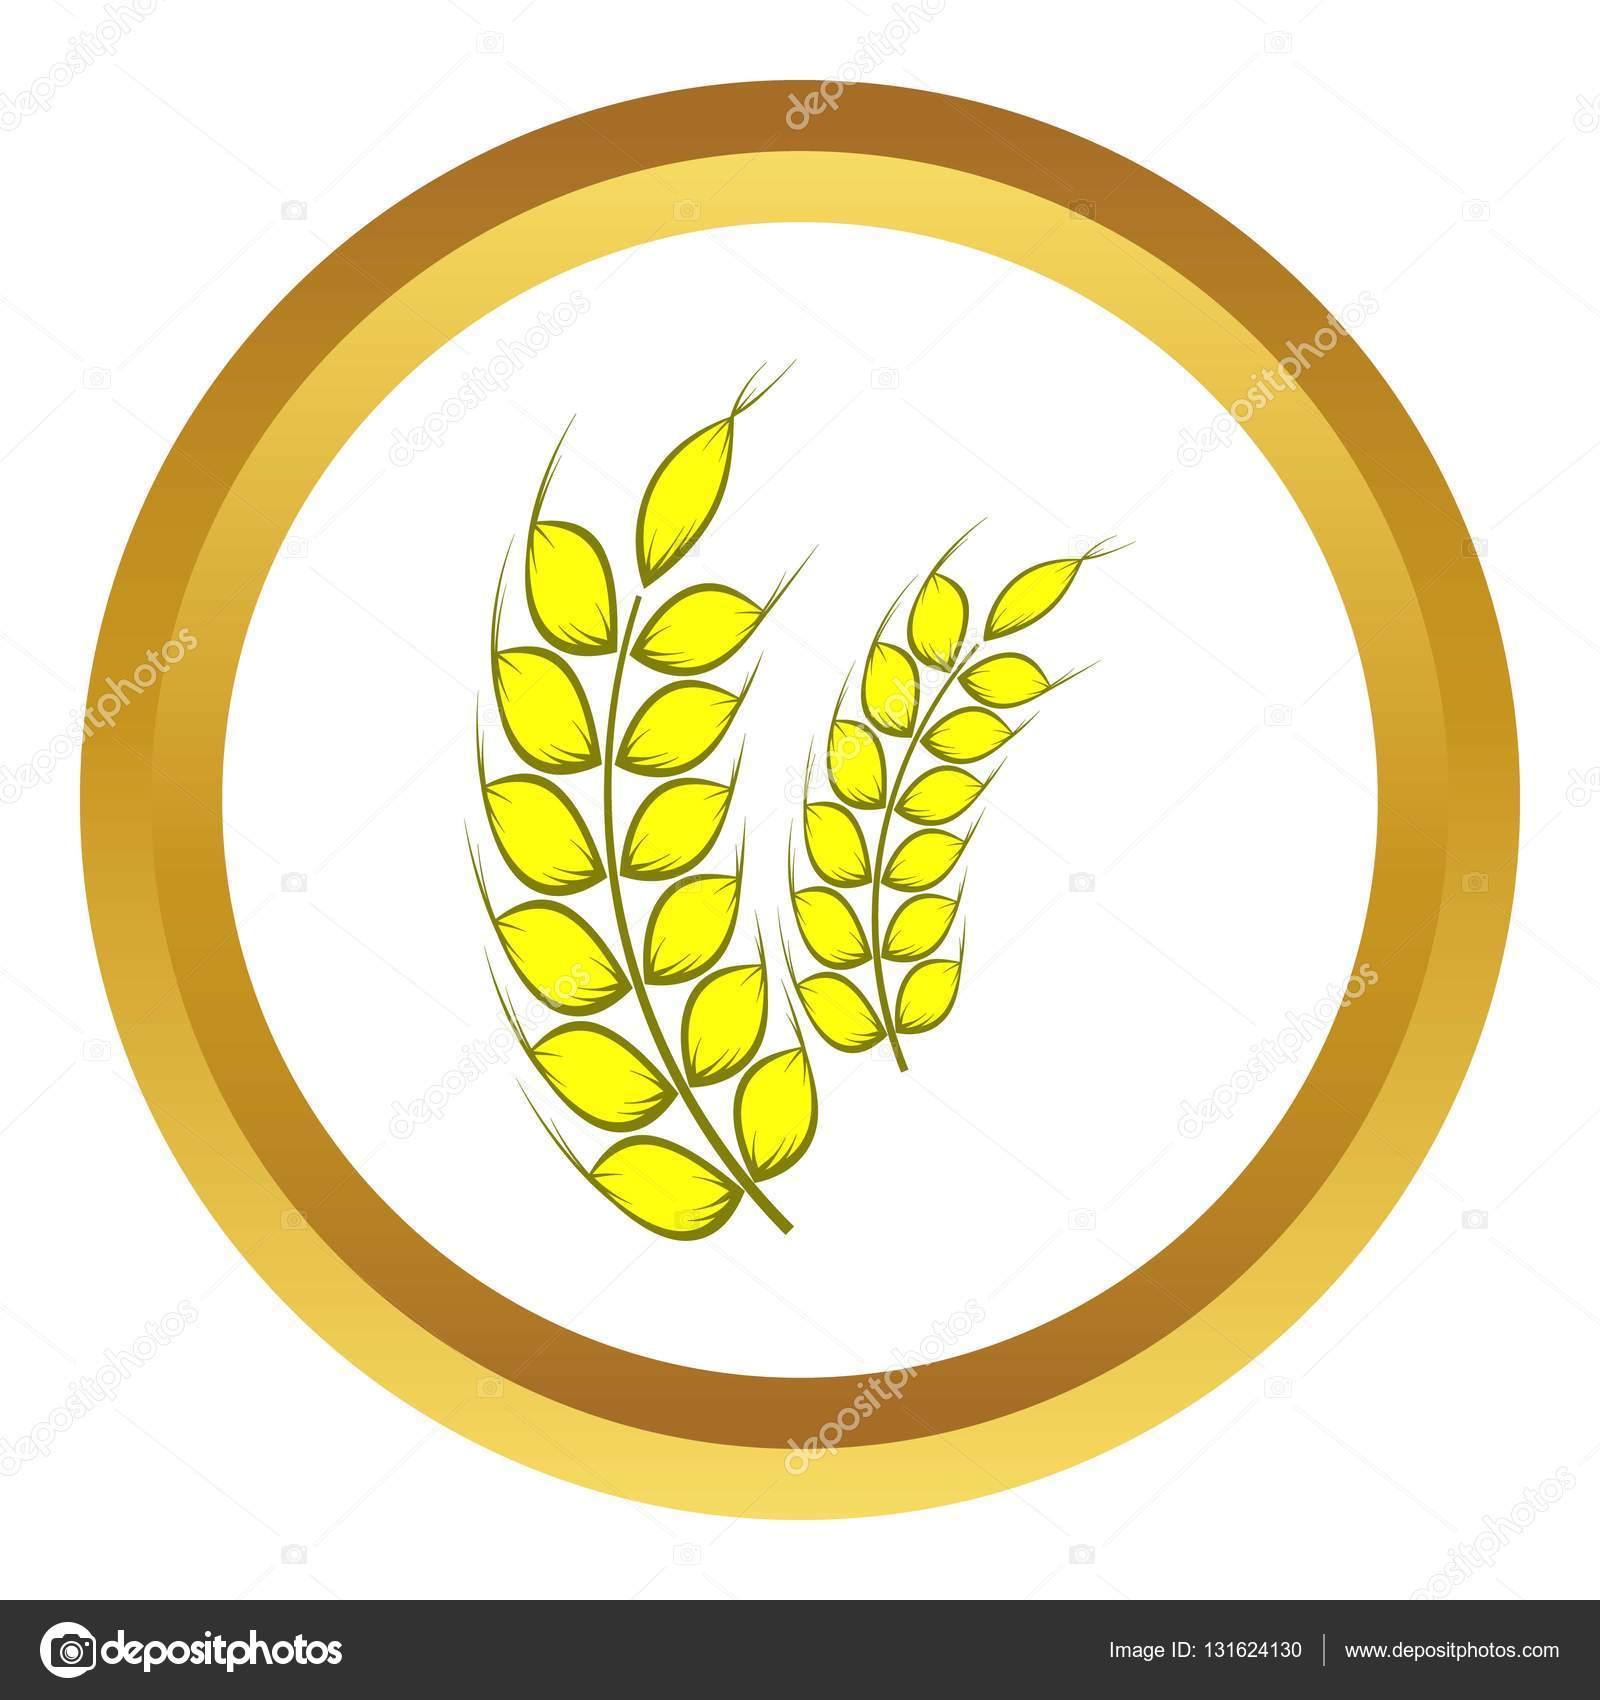 两个成熟麦穗矢量图标 — 图库矢量图像08 yliv